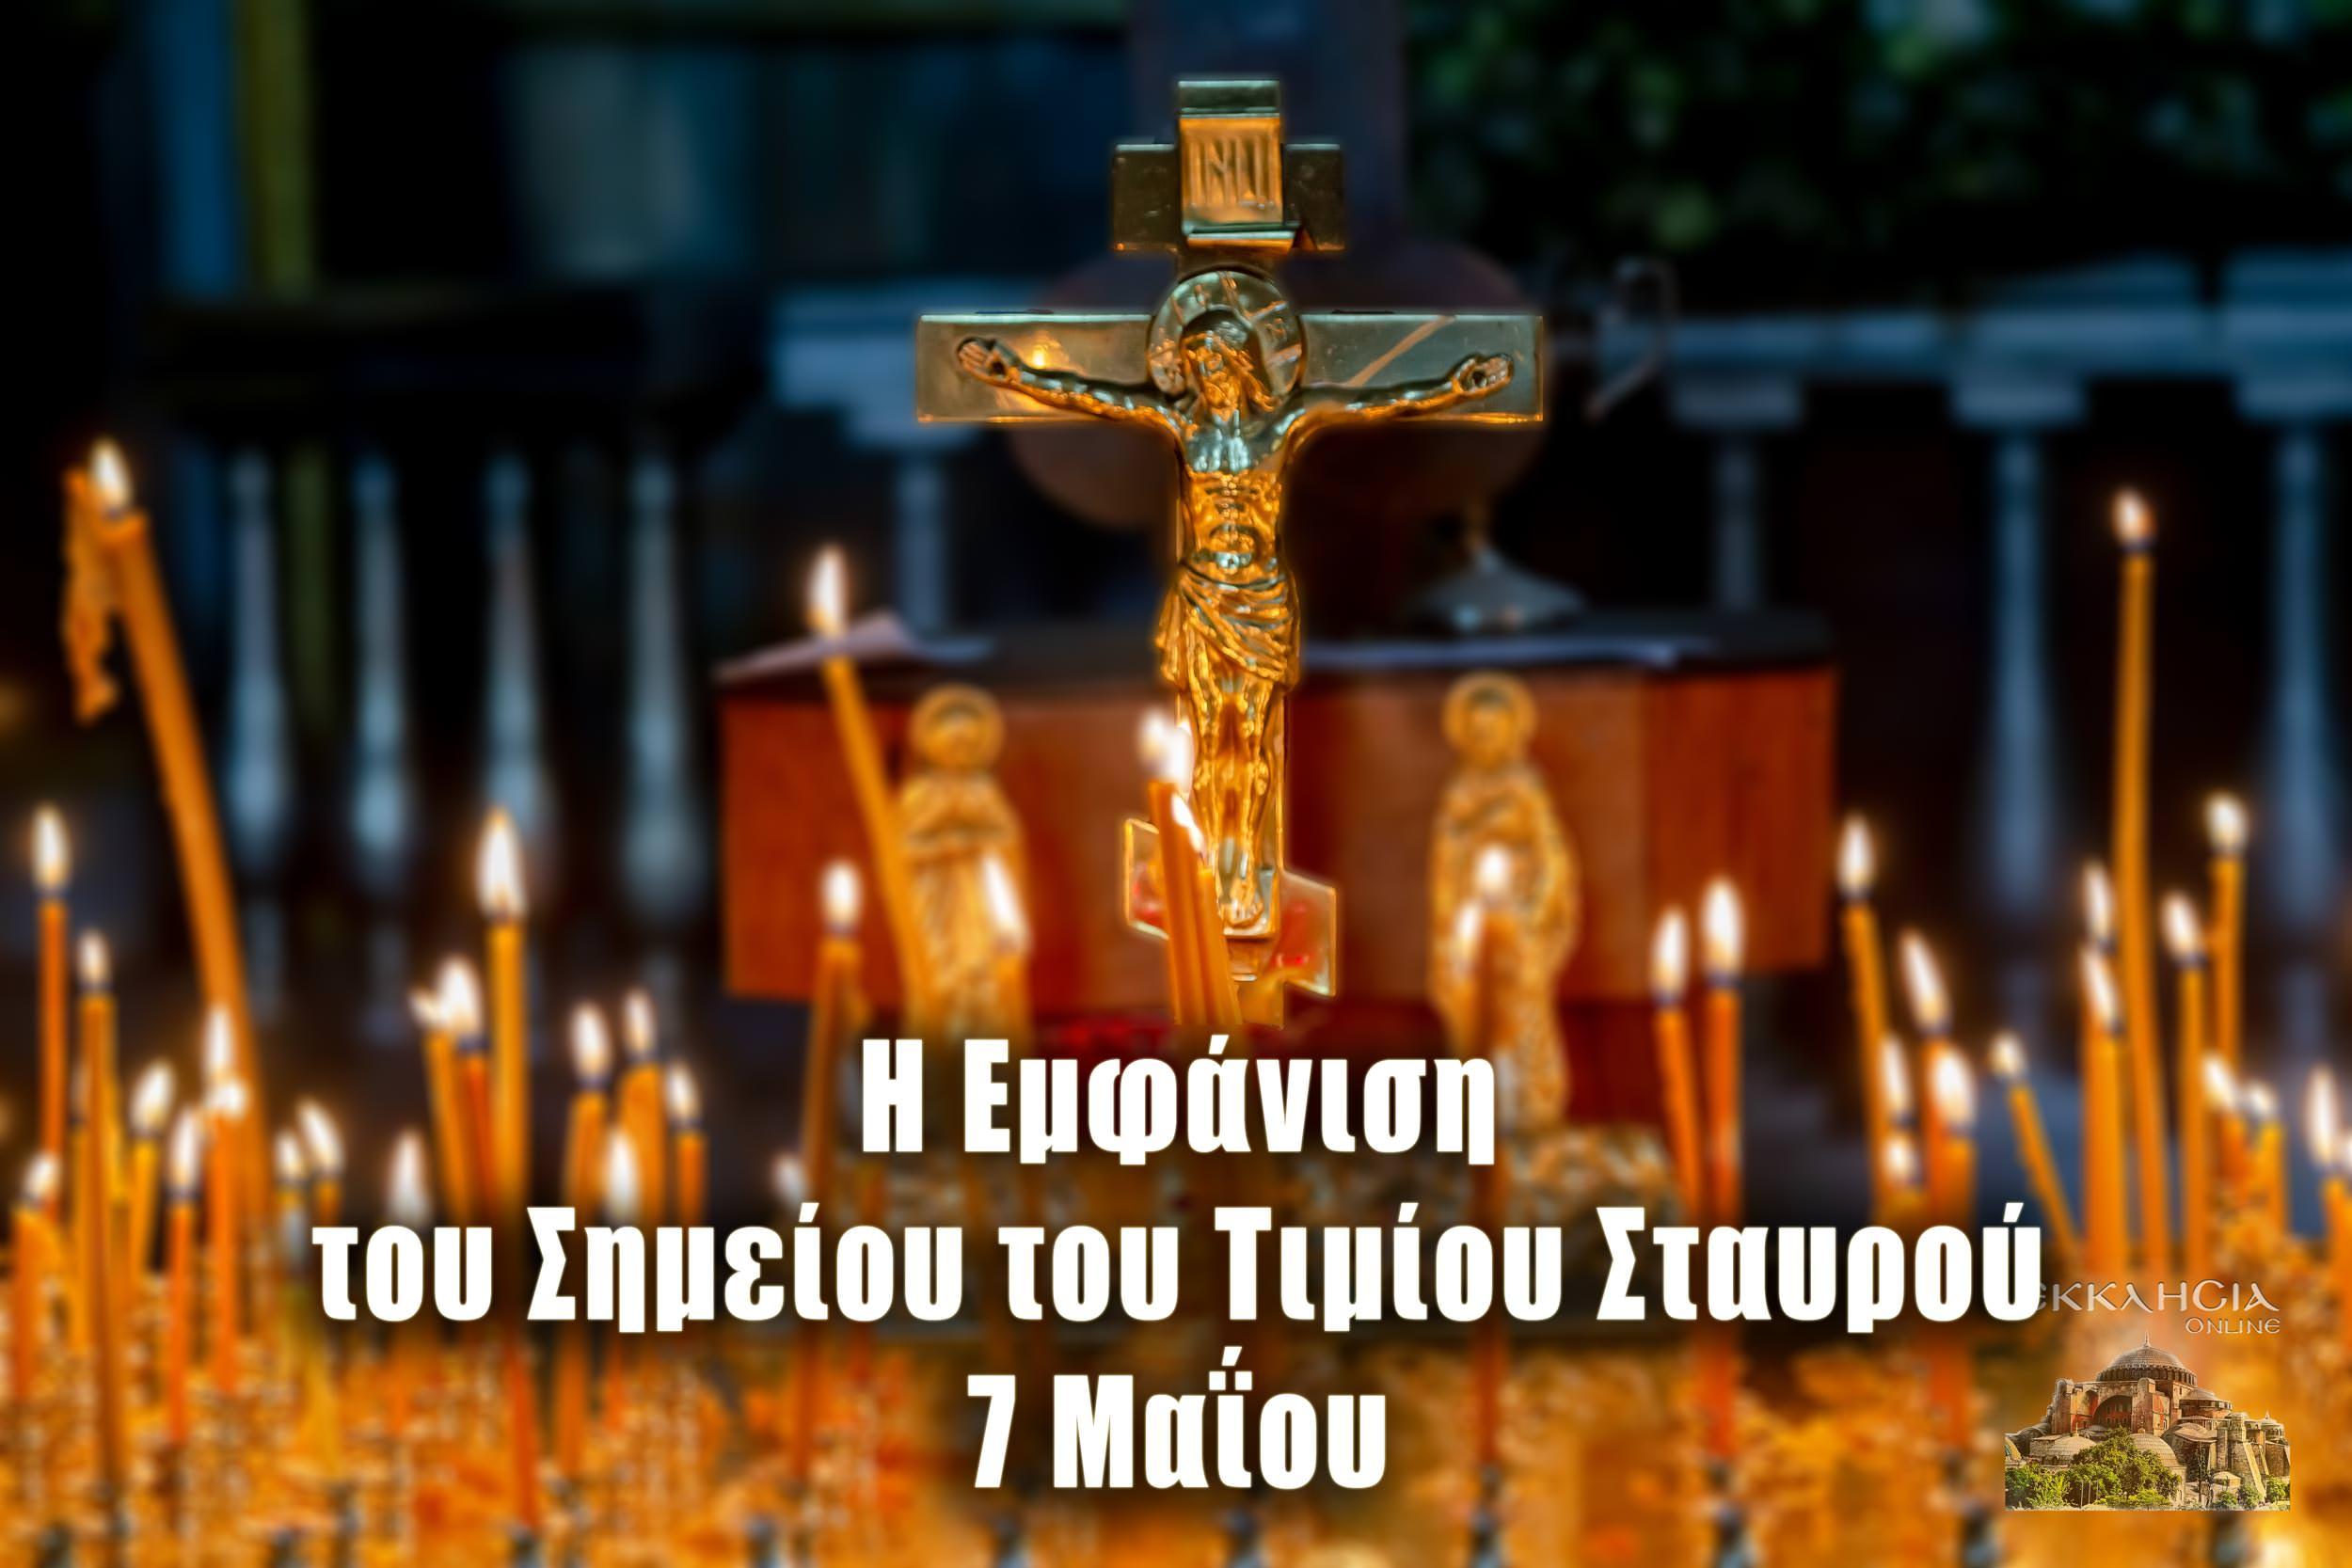 Σημείο του Τιμίου Σταυρού 7 Μαΐου